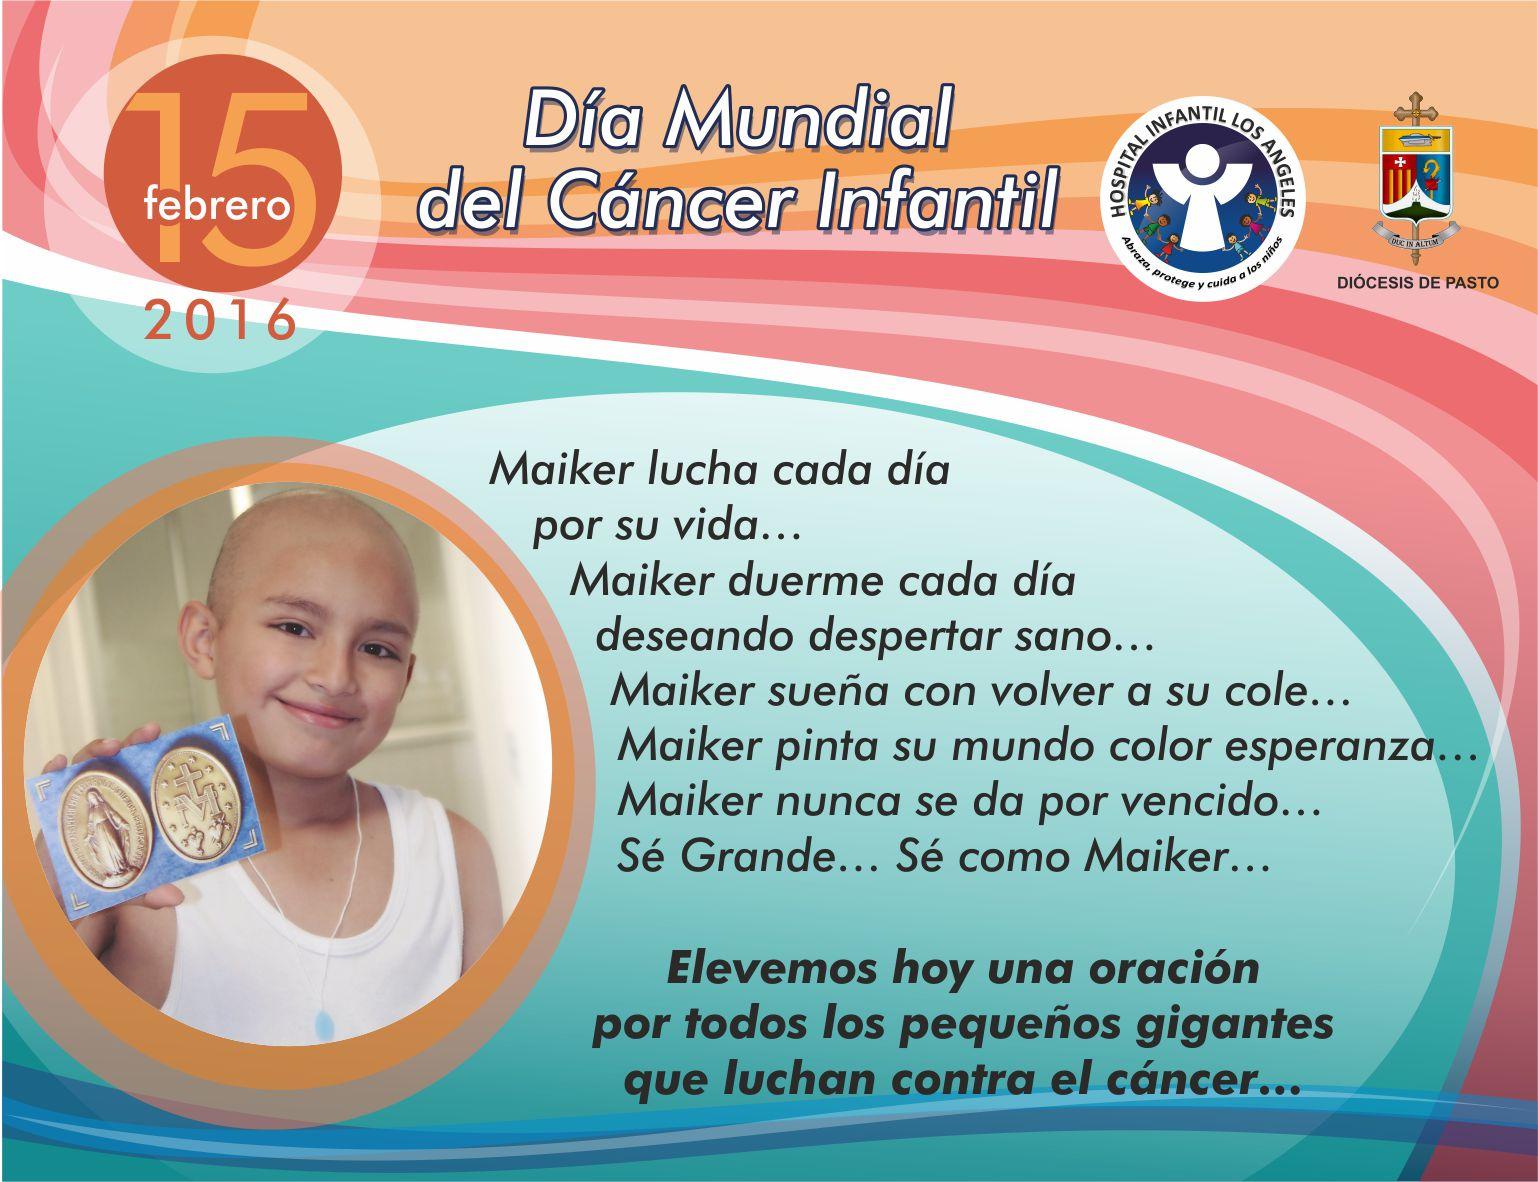 Día Mundial Lucha contra el Cancer Infantil